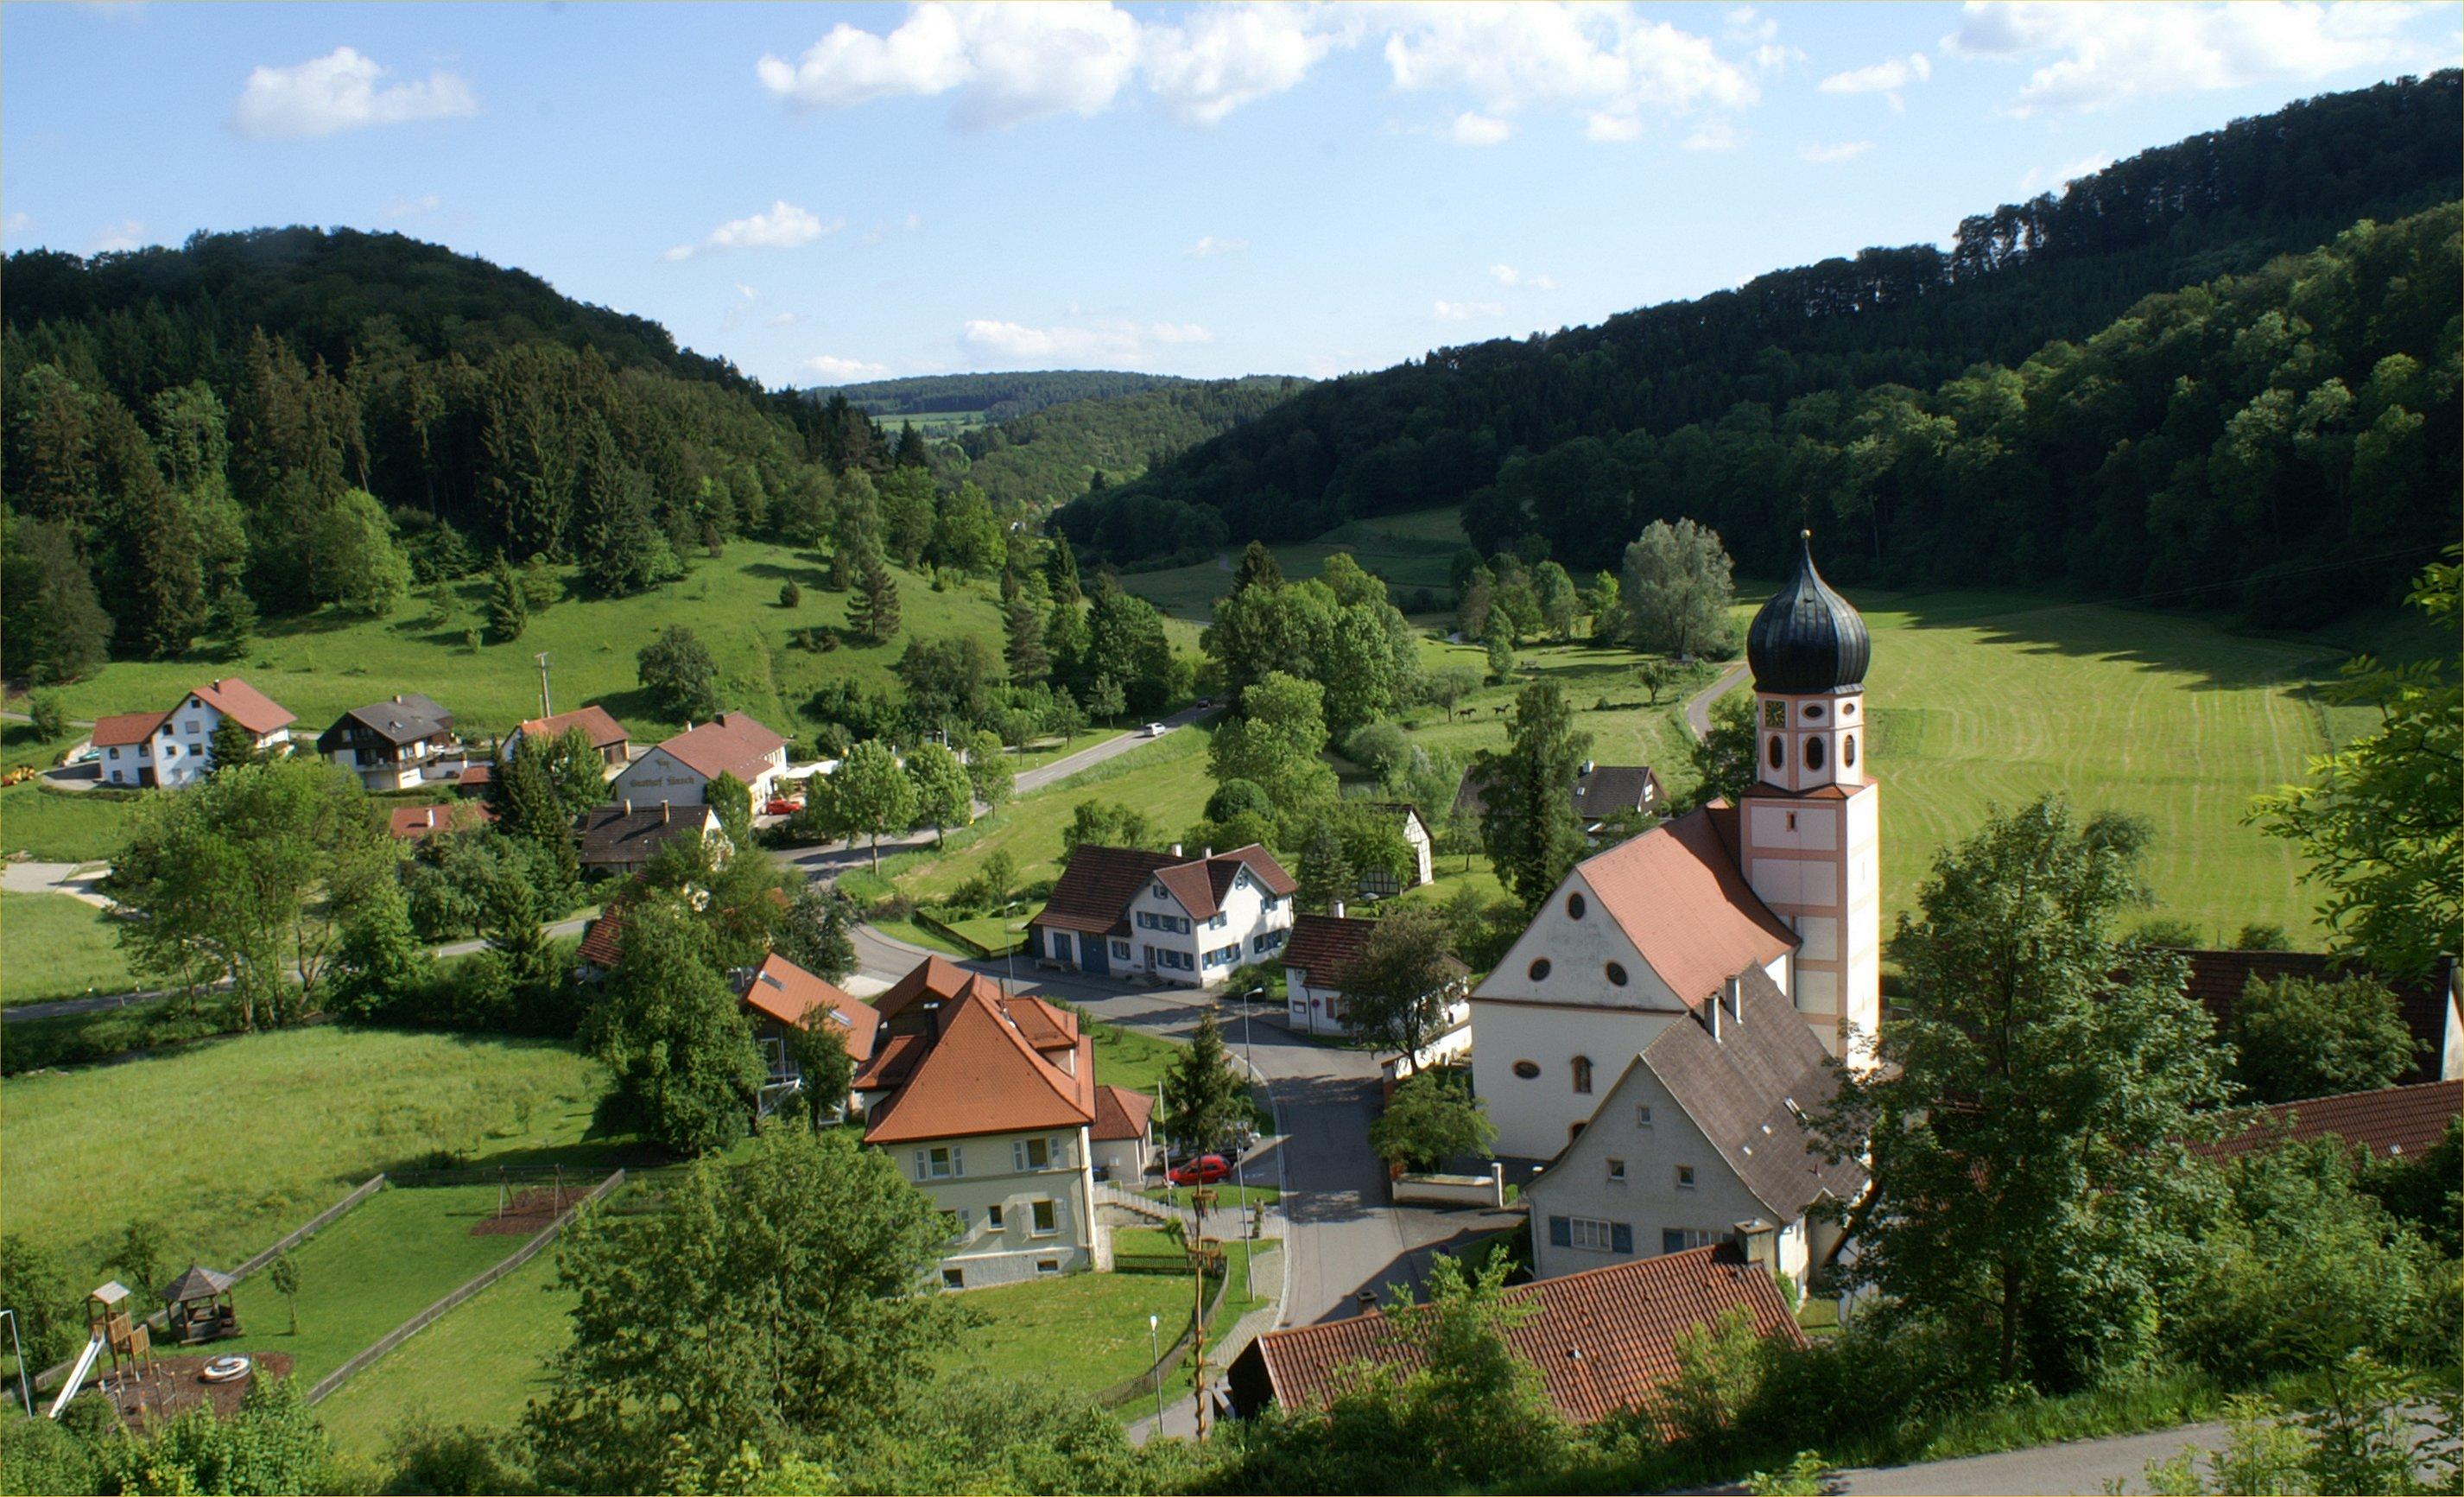 Bildergebnis für lautertal bichishausen